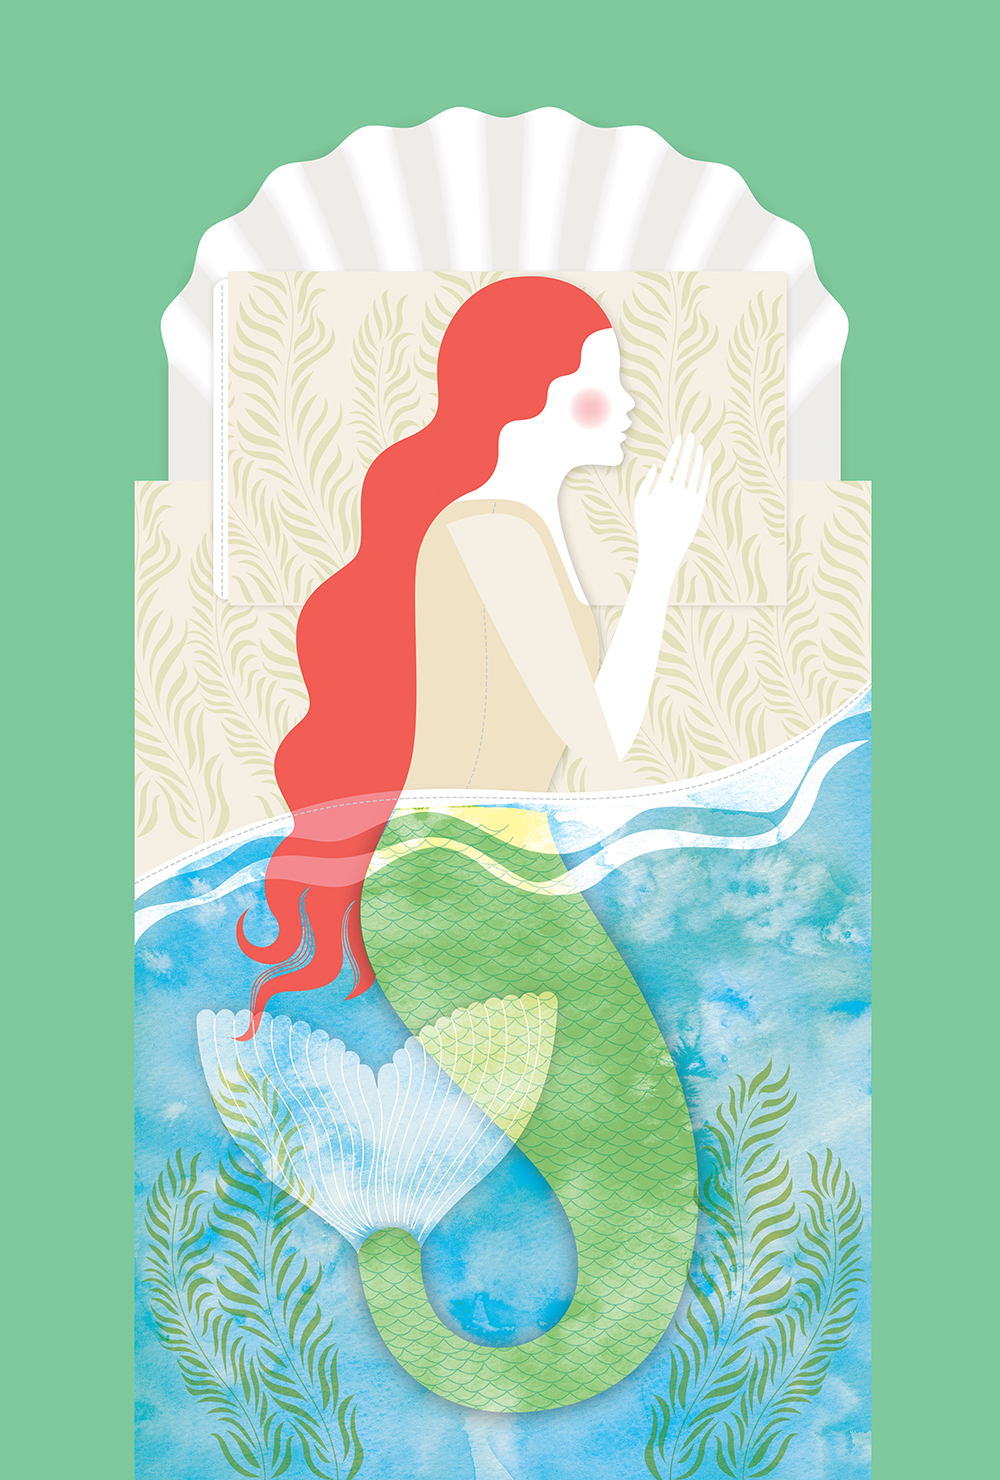 Bedtime Stories: Mermaid